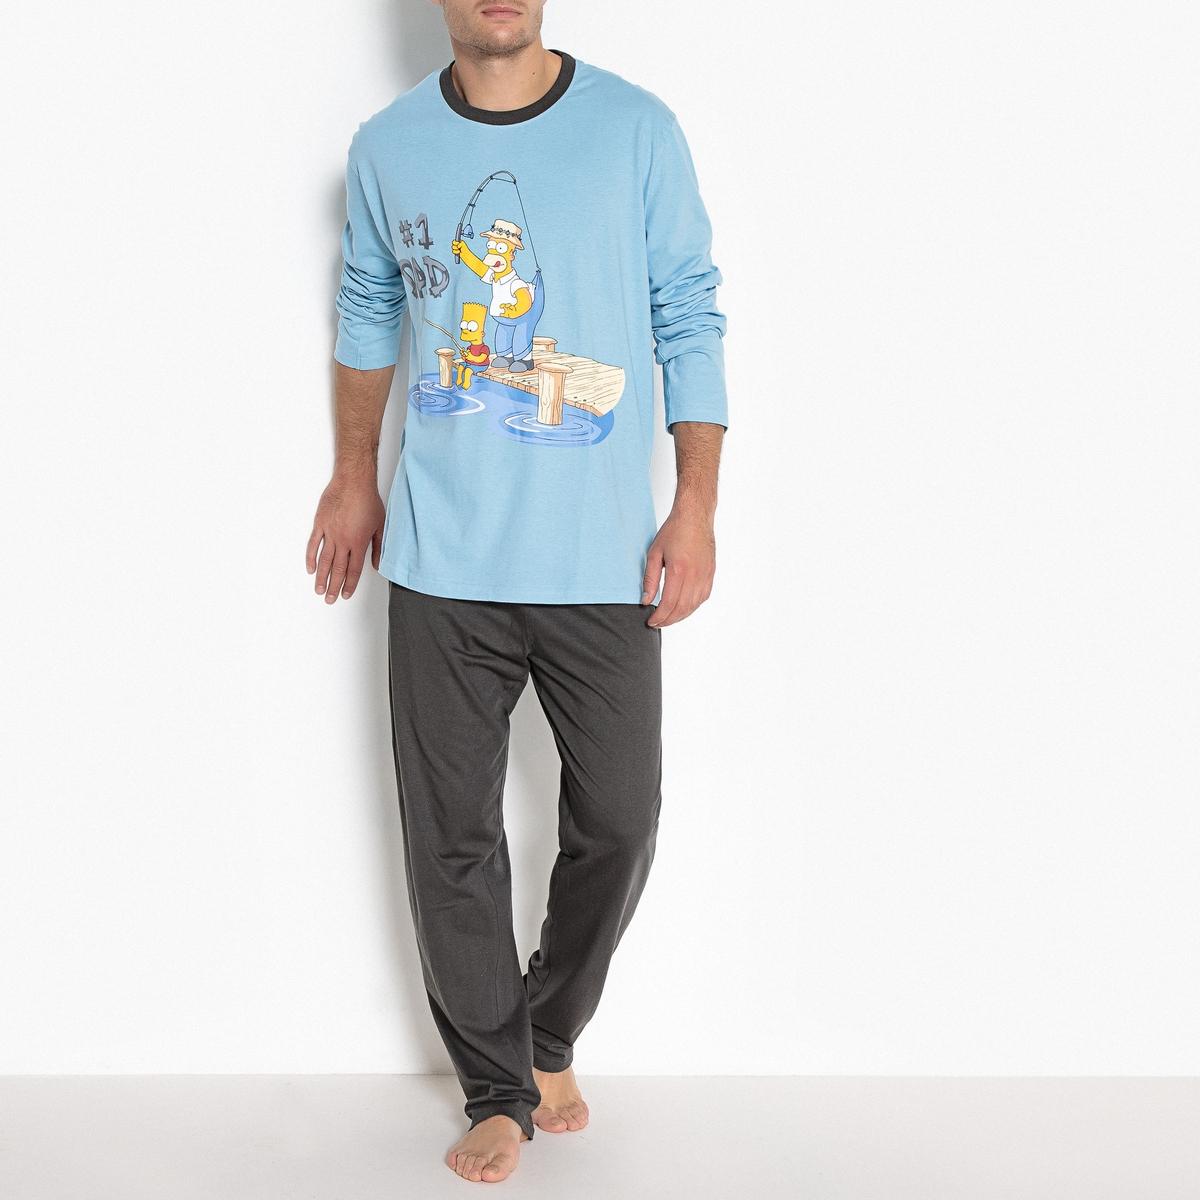 Пижама с длинными рукавами и рисункомОписание:Забавная пижама Simpsons с рисунком поднимет вам настроение с самого утра: комфортная и оригинальная!Состав и описание :Пижама с длинными рукавами и рисунком Simpsons. Брюки с эластичным поясом и прямым низом.Материал : 100% хлопок Марка : SimpsonsУход :Стирать с вещами подобного цвета при 30°.Гладить с изнаночной стороны.Машинная сушка запрещена.<br><br>Цвет: синий/темно-серый<br>Размер: 3XL.XL